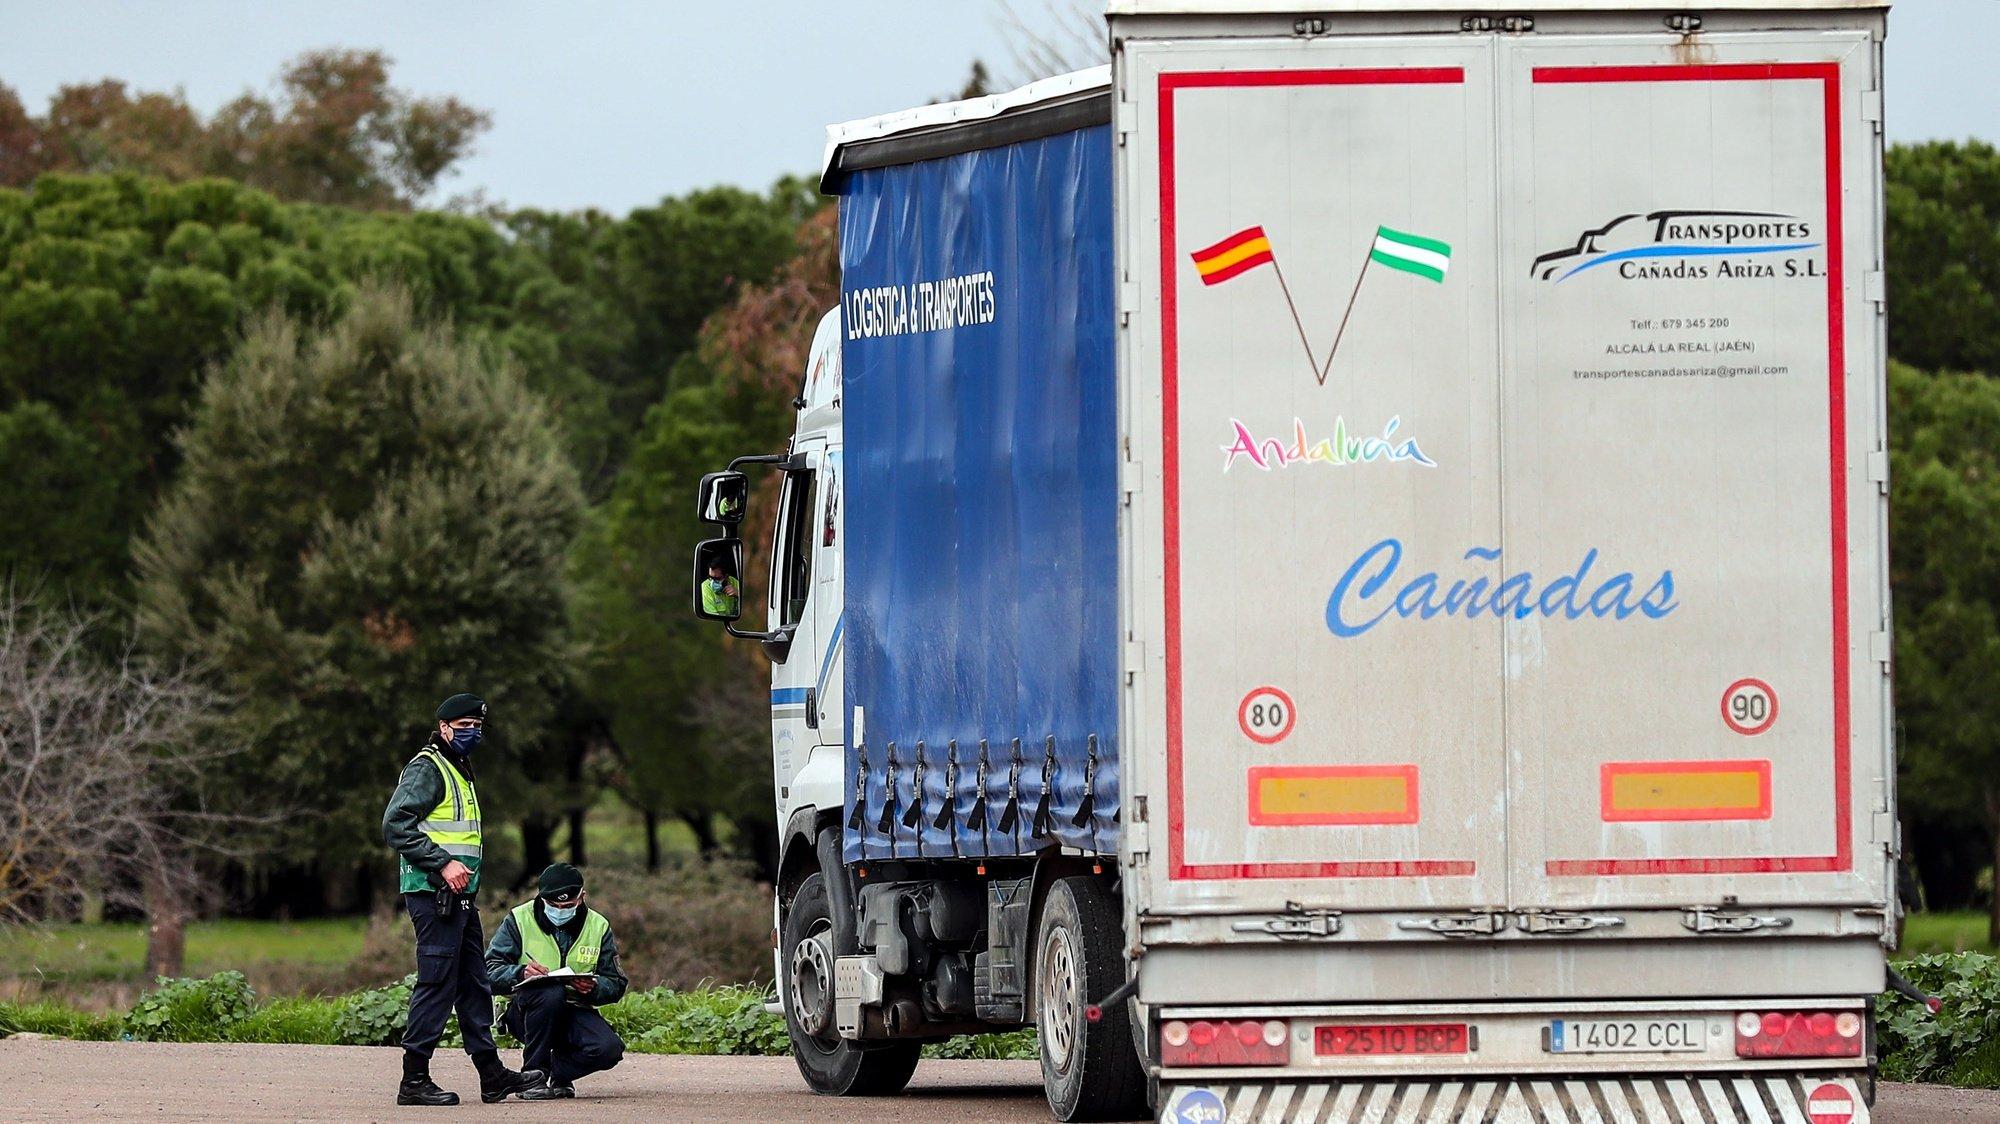 Agentes da GNR verificam a documentação de um camionista durante uma operação de controlo na entrada em Portugal pela fronteira do Caia (Elvas), 1 de fevereiro de 2021. As fronteiras foram repostas desde as 00:00 de domingo, dia 31 de janeiro, no âmbito das medidas para conter a propagação da covid-19 no território português. NUNO VEIGA/LUSA